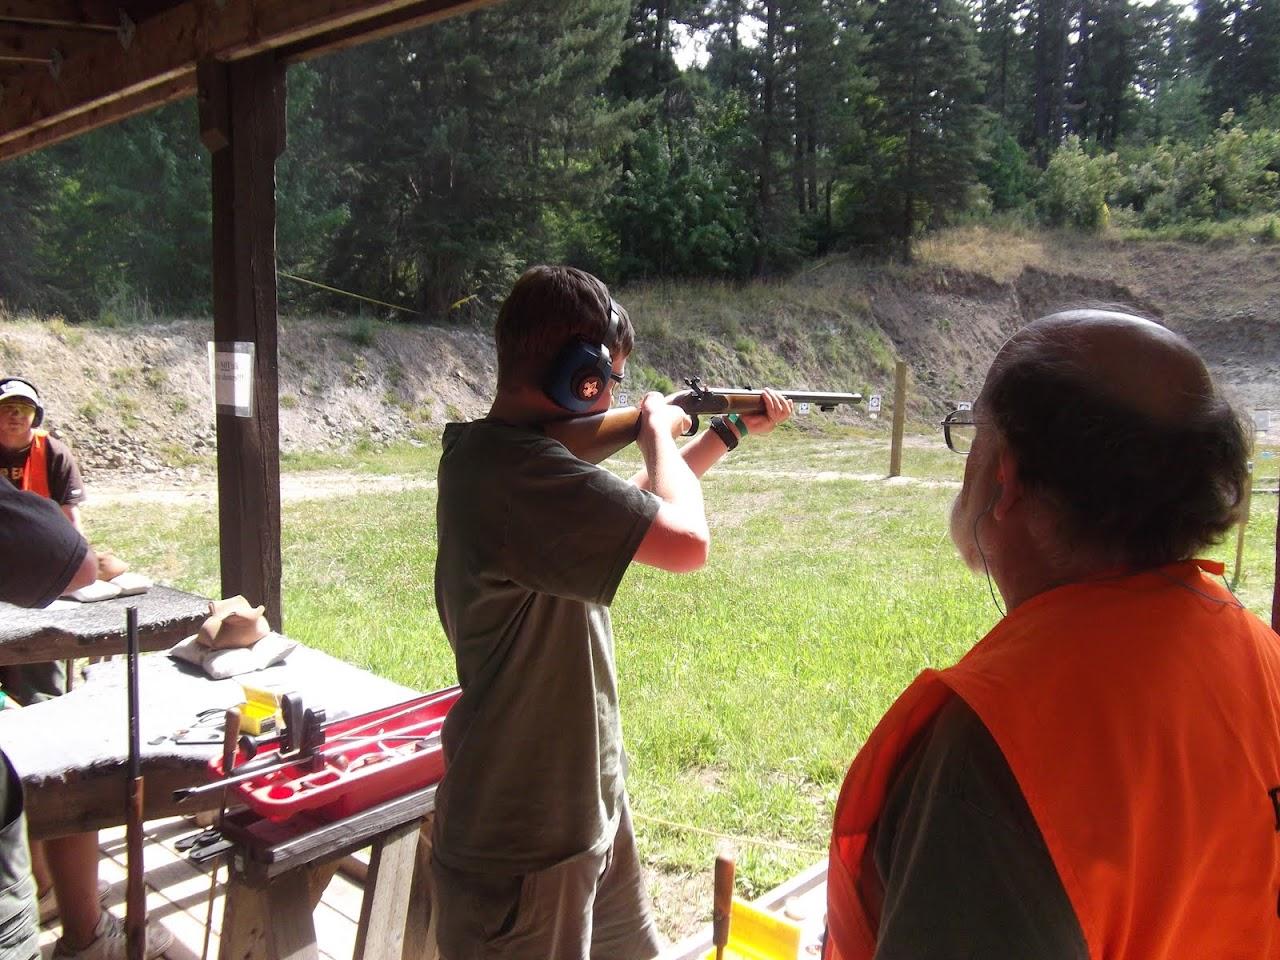 Ben shooting the Black Powder